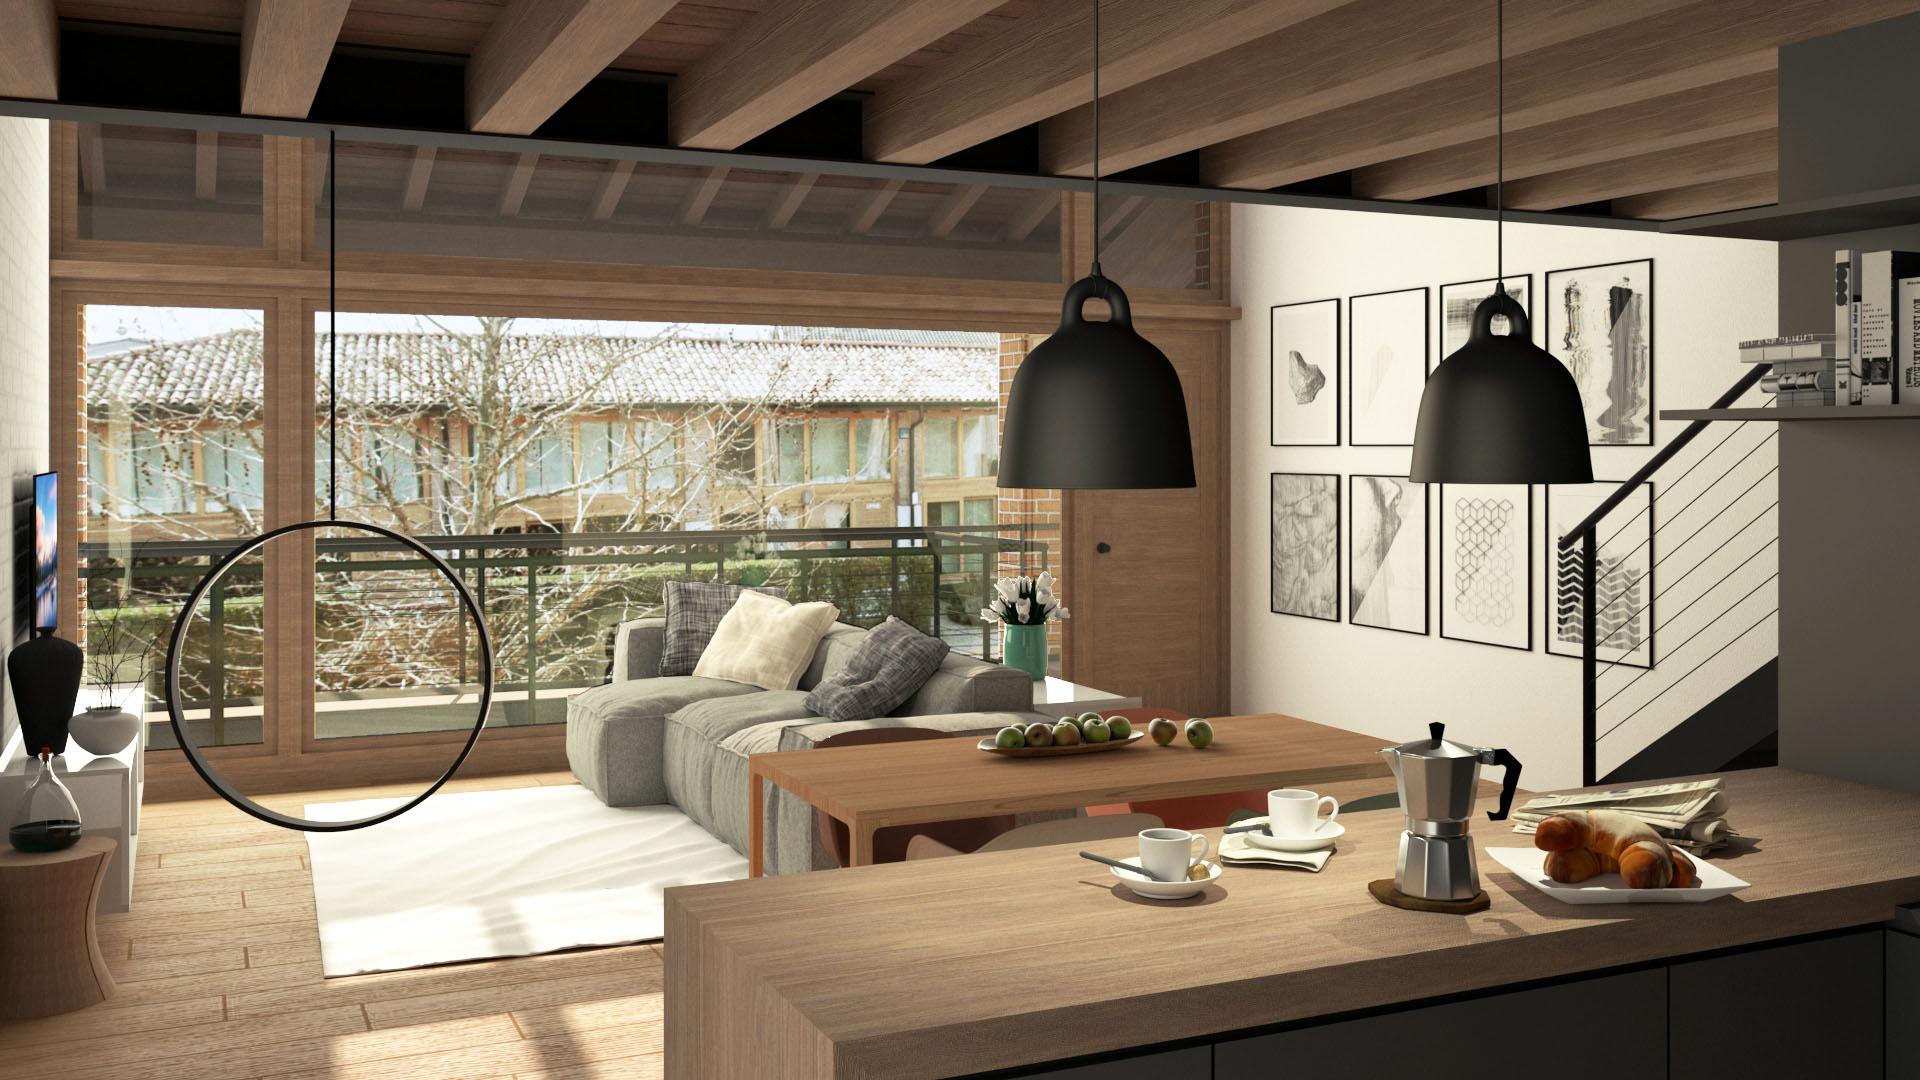 Progetto di ristrutturazione dello studio di architettura Argo4. Render della zona giorno.